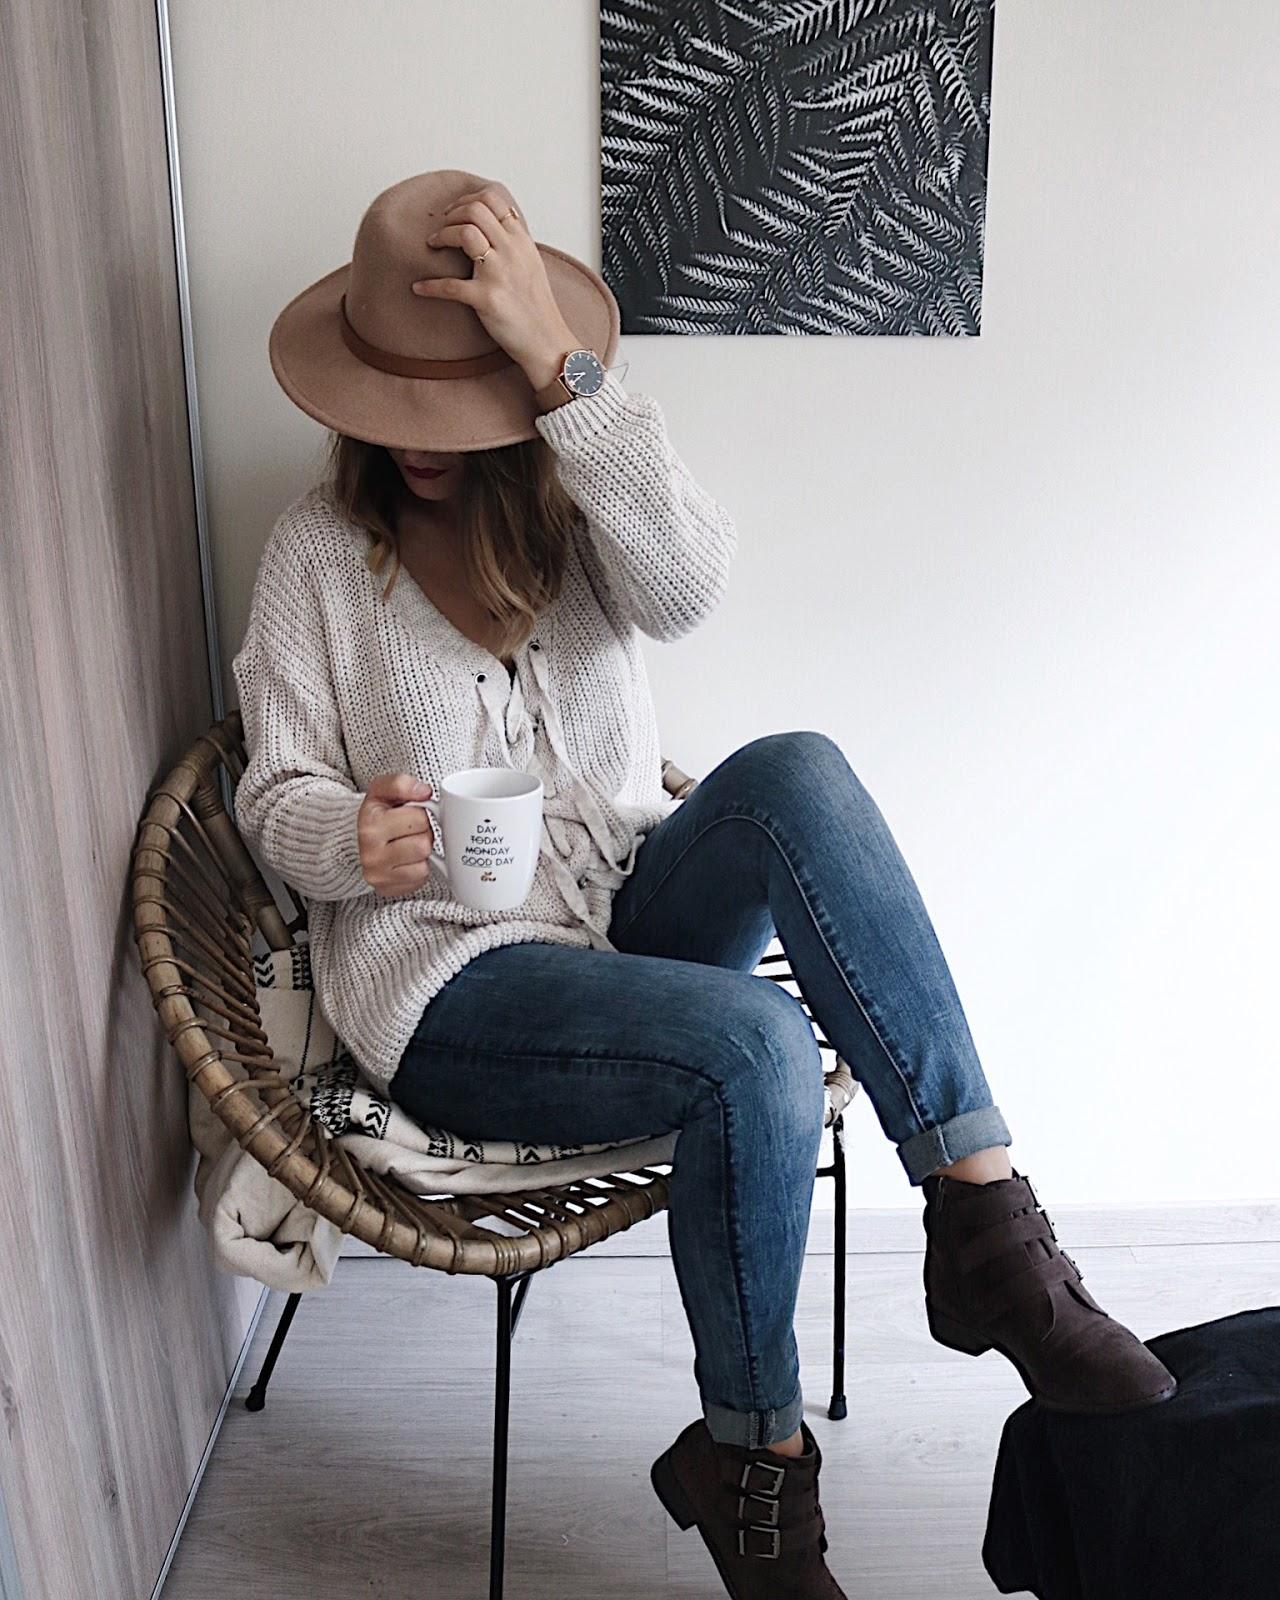 pauline-dress-auto-entrepreneur-autoentrepreneur-conseil-debuter-lancer-son-activite-blog-blogueur-blogueuse-besancon